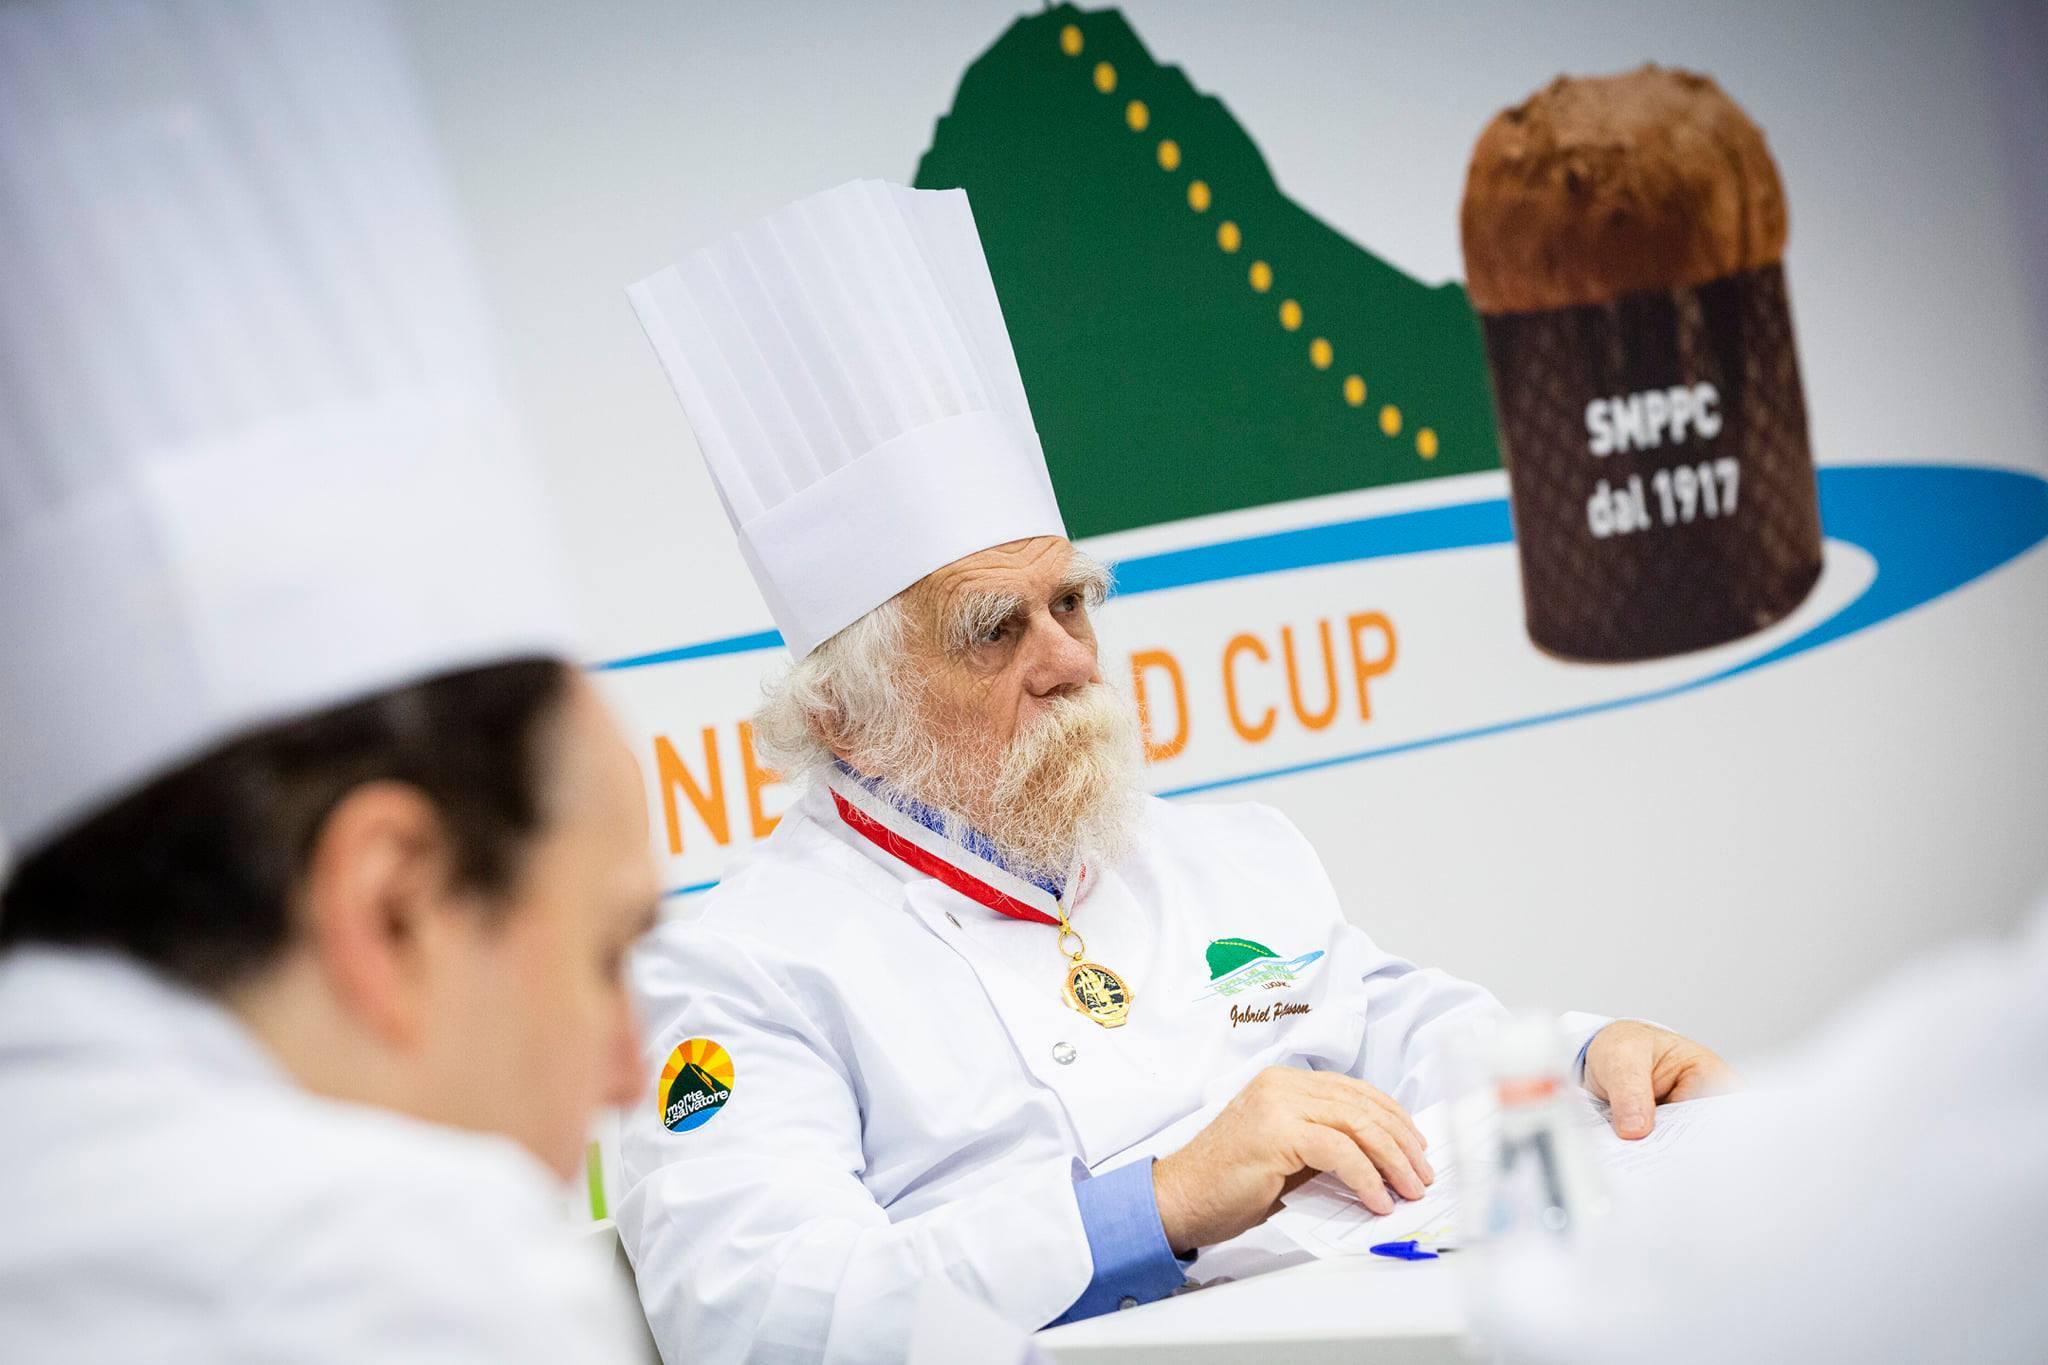 Una giuria di grandi nomi per la Coppa del Mondo del Panettone 2019: in  giuria anche Paco Torreblanca e Gabriel Paillasson.